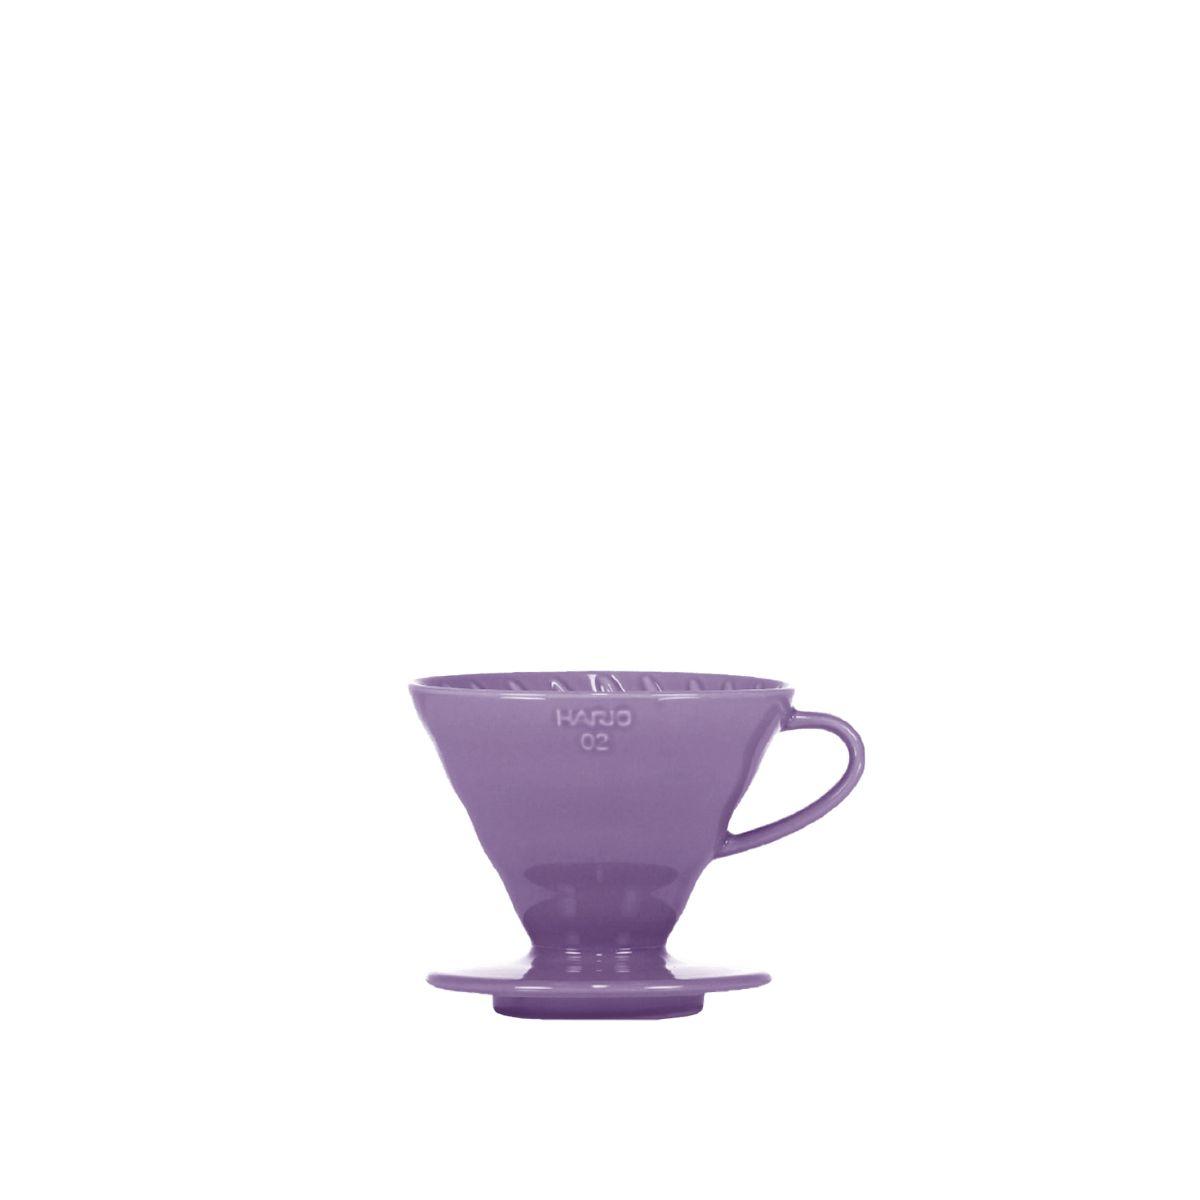 V60 Porcelain Dripper Hario [3/4 cups] - Violet